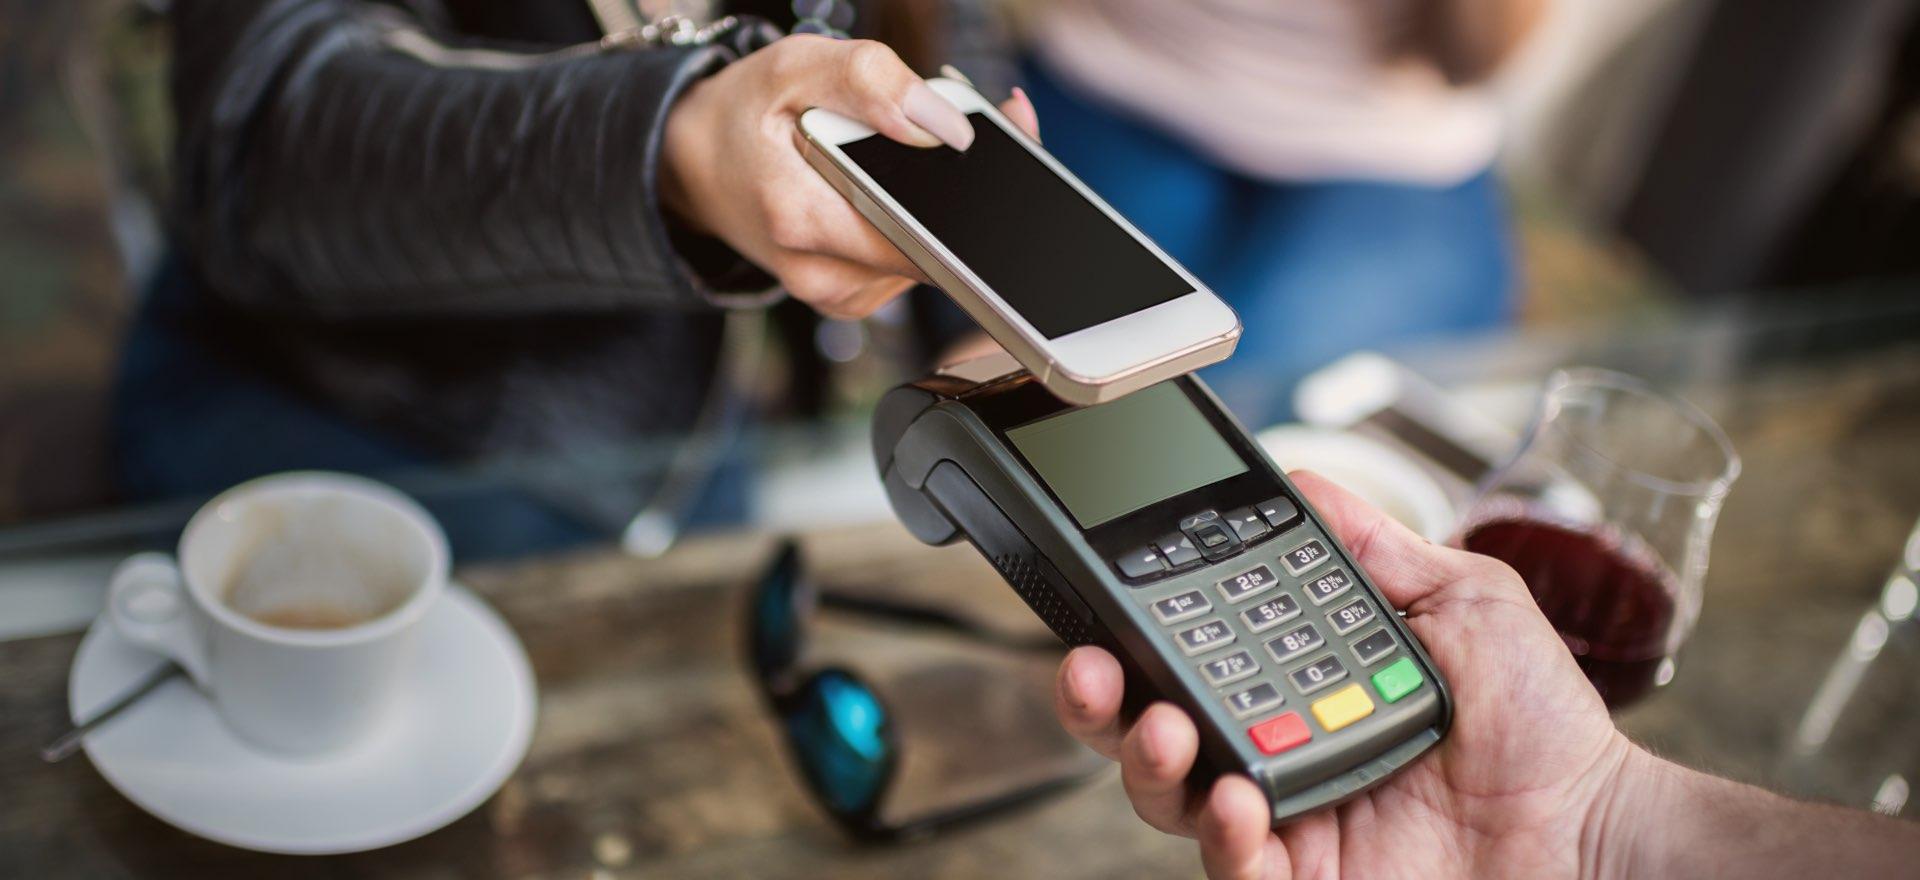 """Bonus Cashback ai nastri di partenza, ma non è ancora possibile attivarlo  tramite l'app """"IO"""" - InvestireOggi.it"""